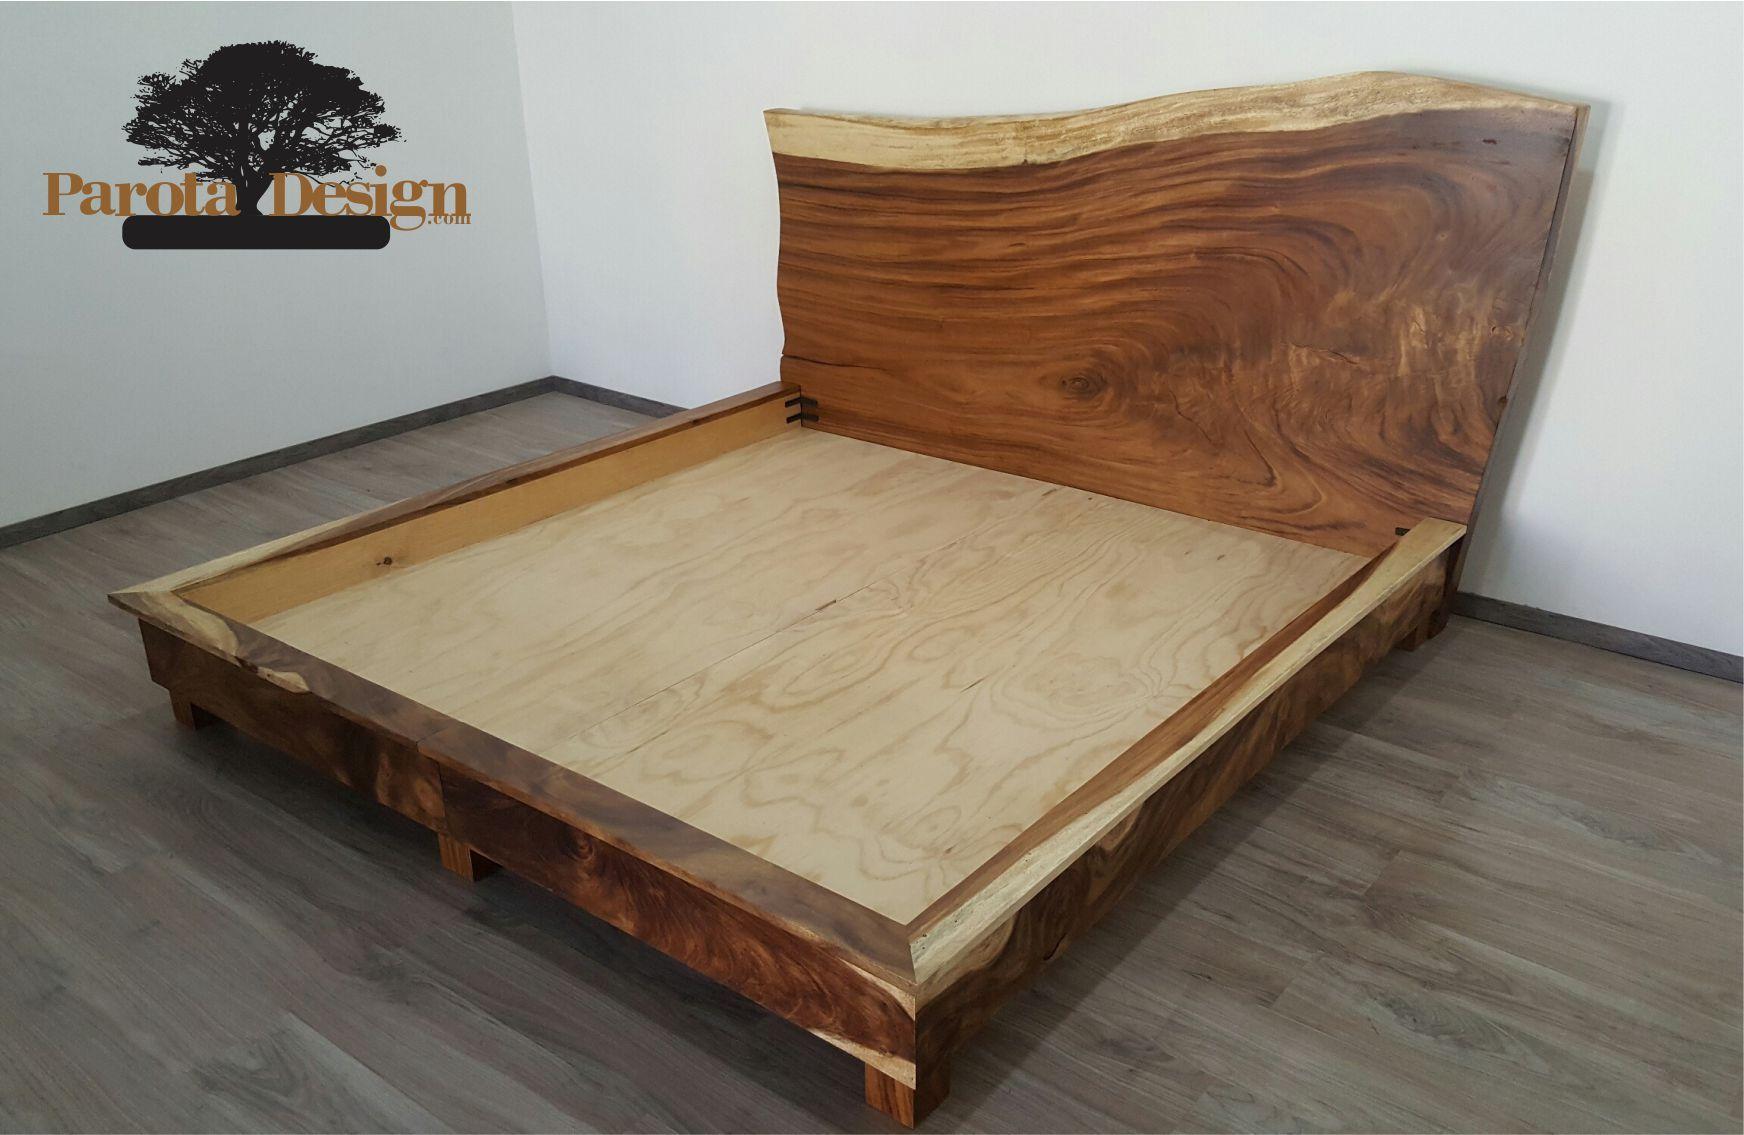 Cama de parota king size cabecera de madera de parota - Cabeceras de cama de madera ...